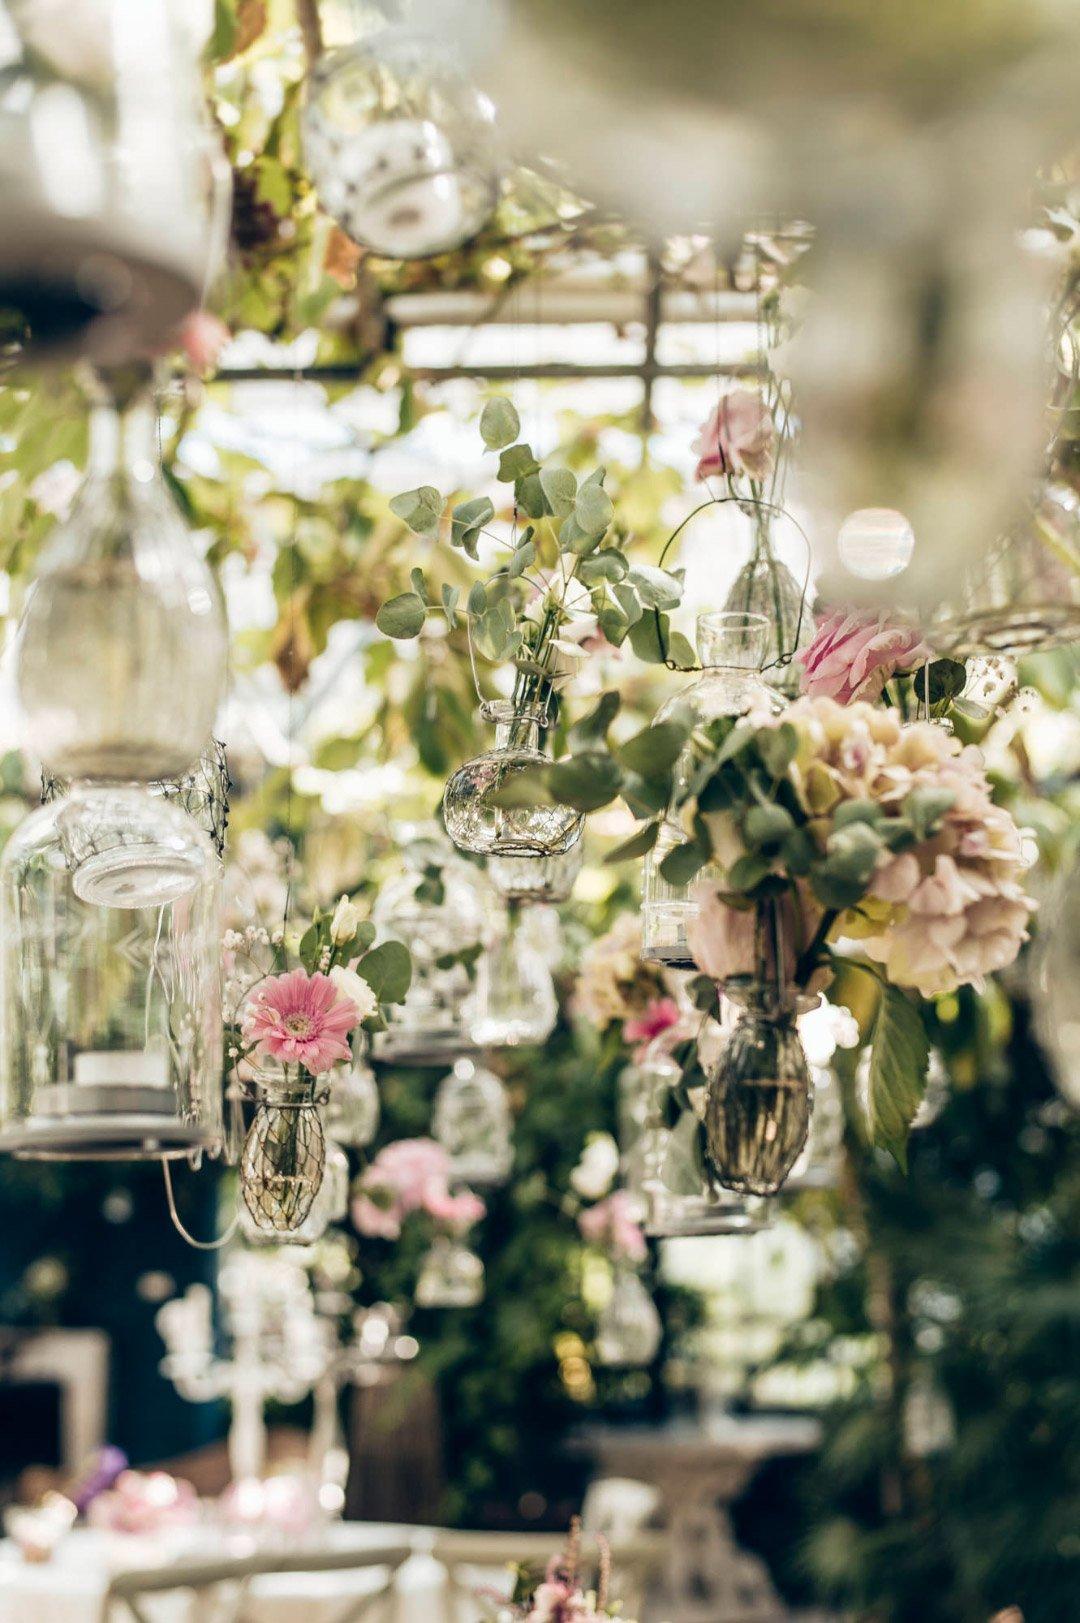 Blumen in kleinen Vasen von der Decke hängend als Dekoration bei der Hochzeit